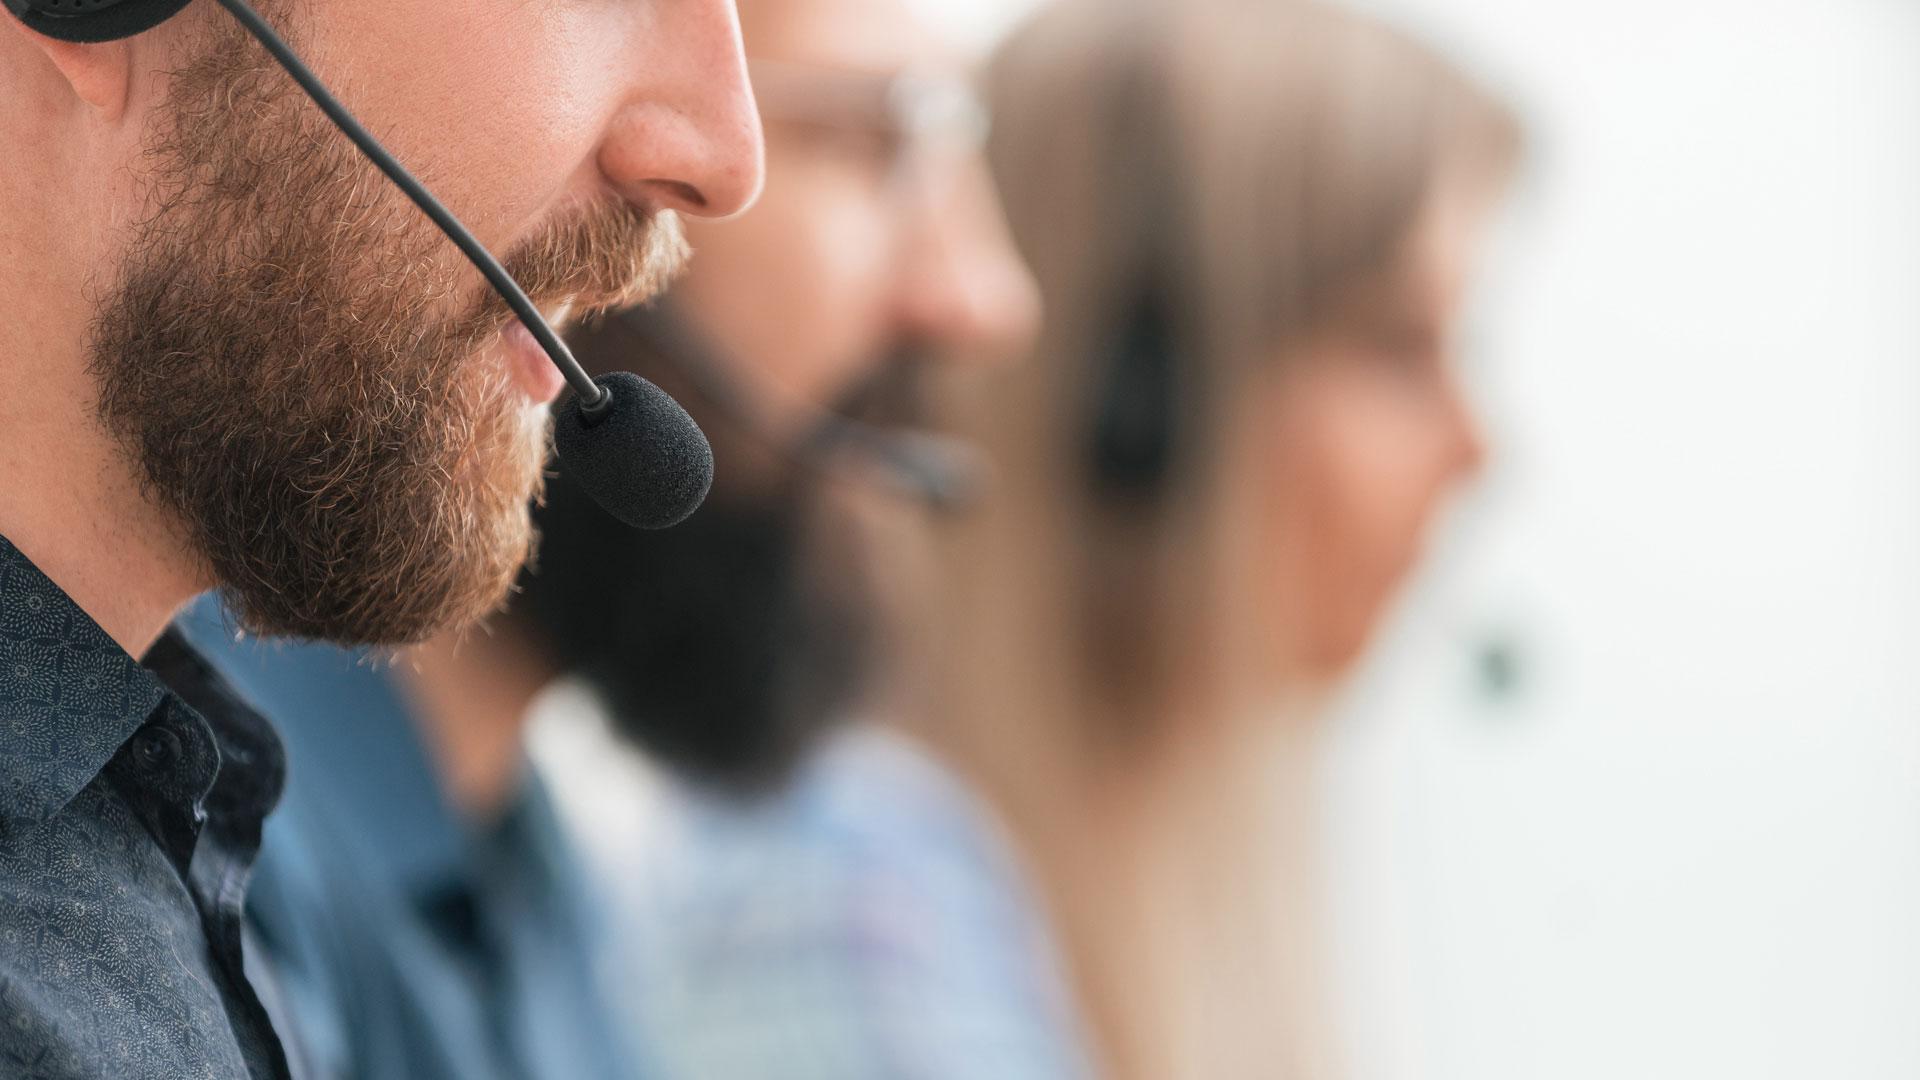 Klienti Directu vyřídí všechny škody u týmu specialistů